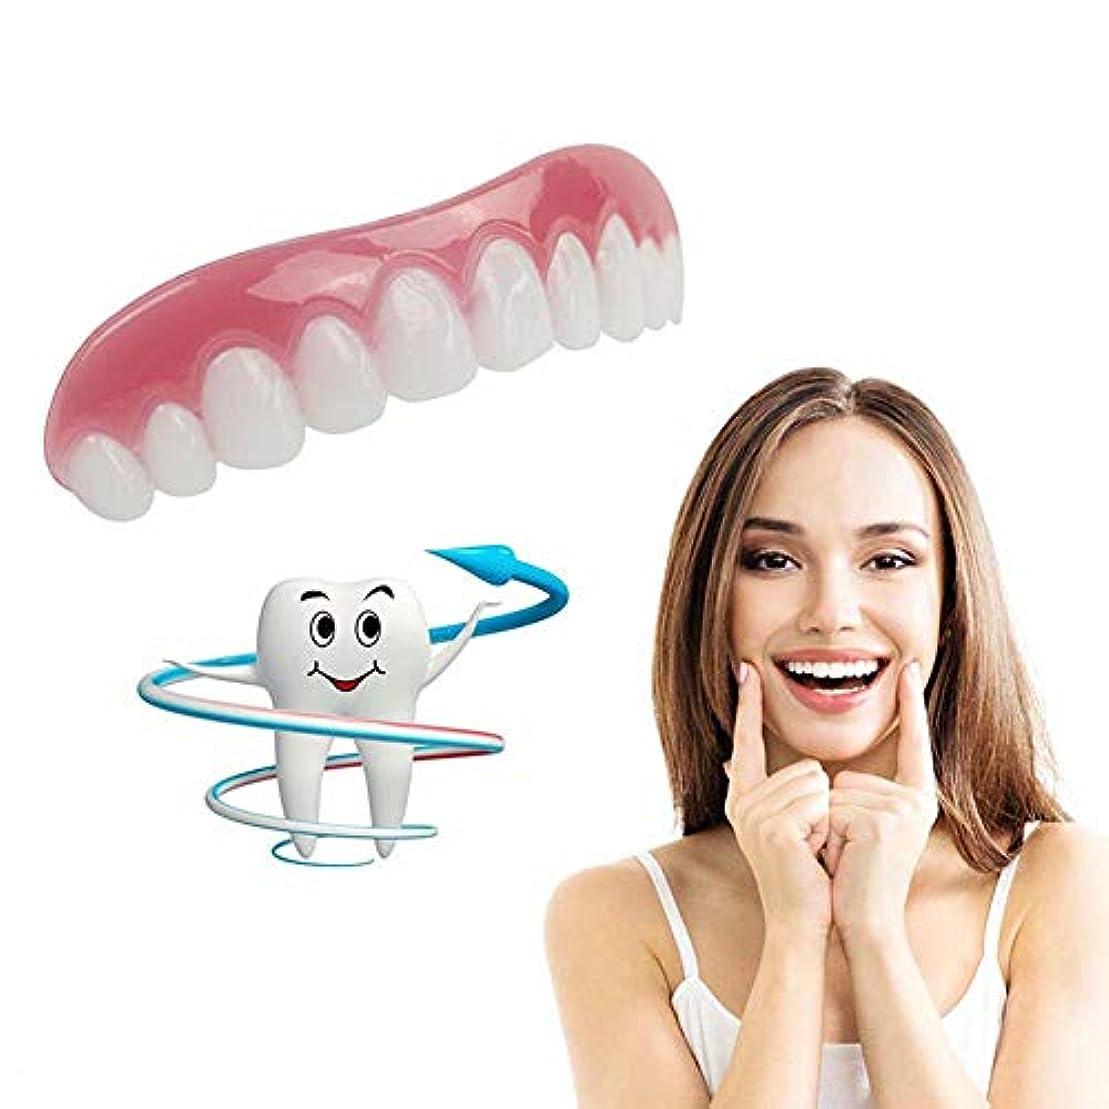 レシピ処理するアルカトラズ島化粧品の歯、超快適、快適なフィット感、白い歯をきれいにするための快適なフィットフレックス歯ソケット、快適なフィット感、3セット